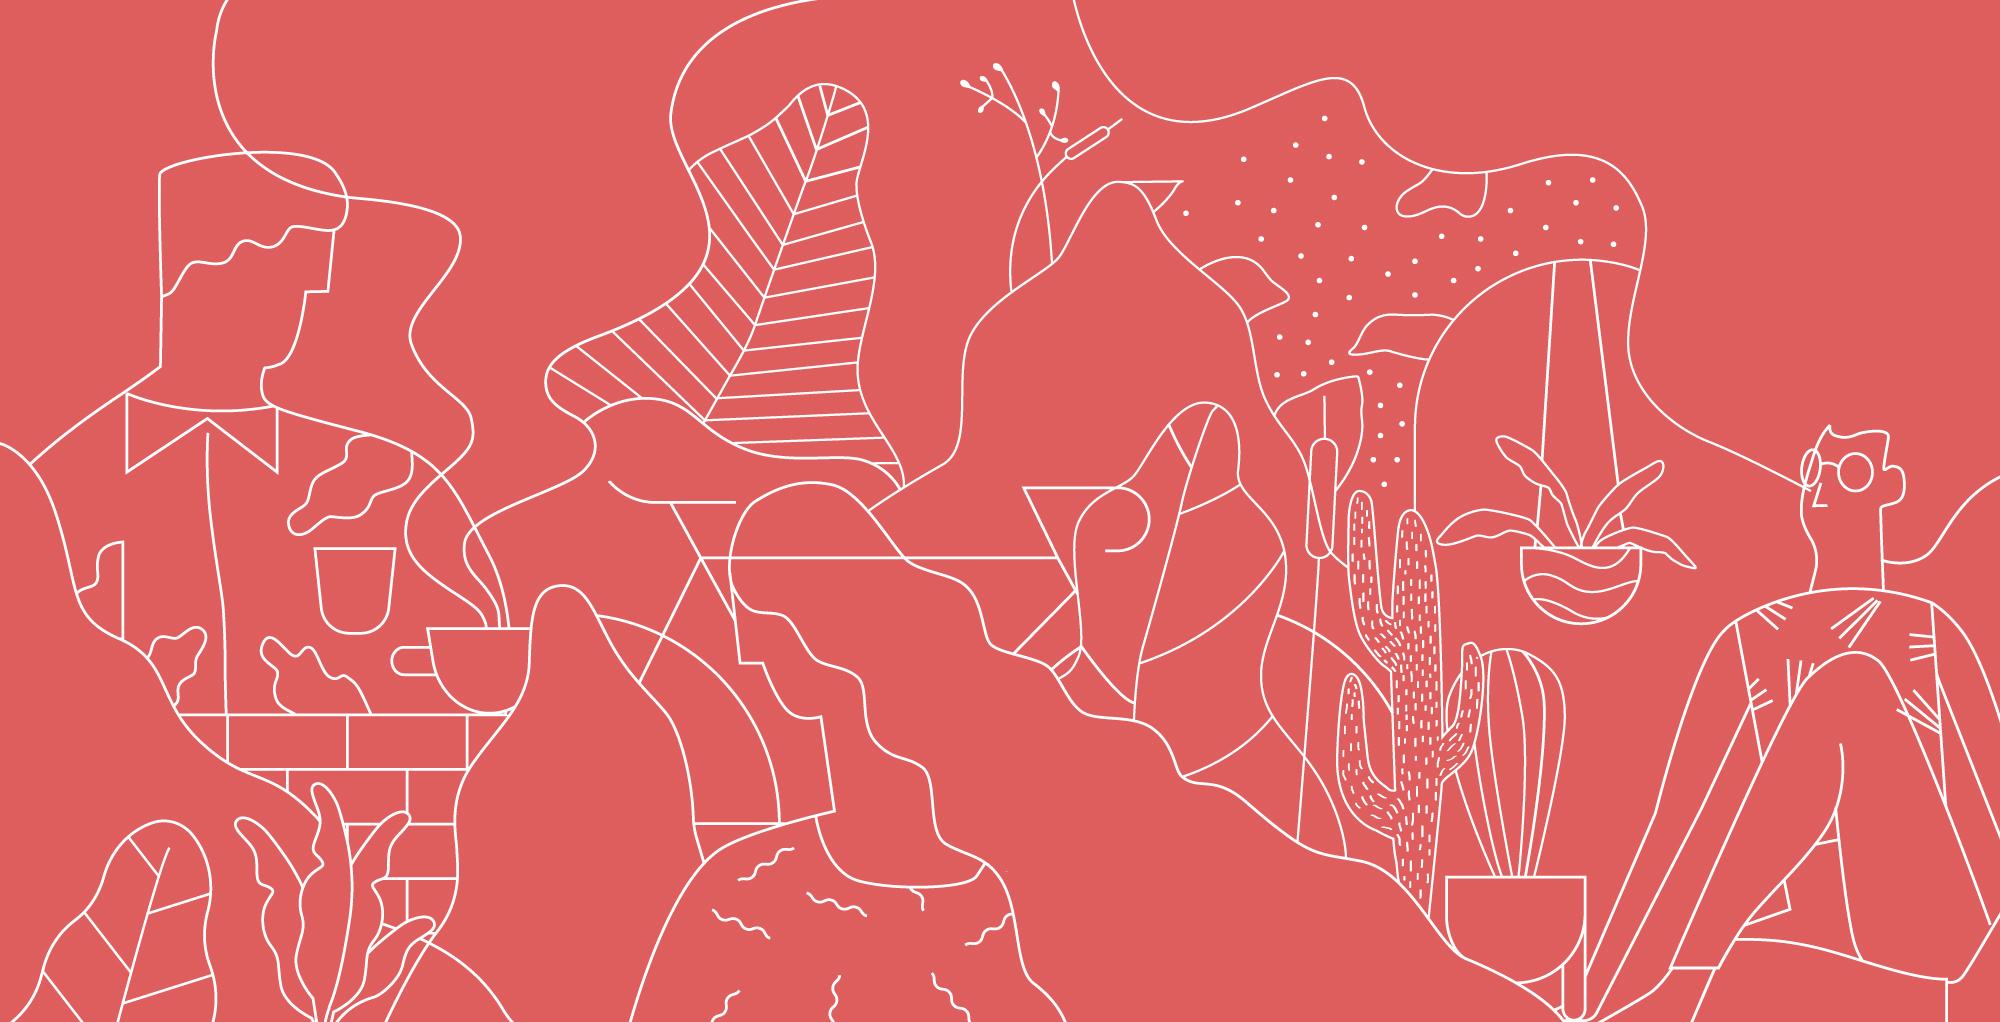 Aligned-Mural.jpg